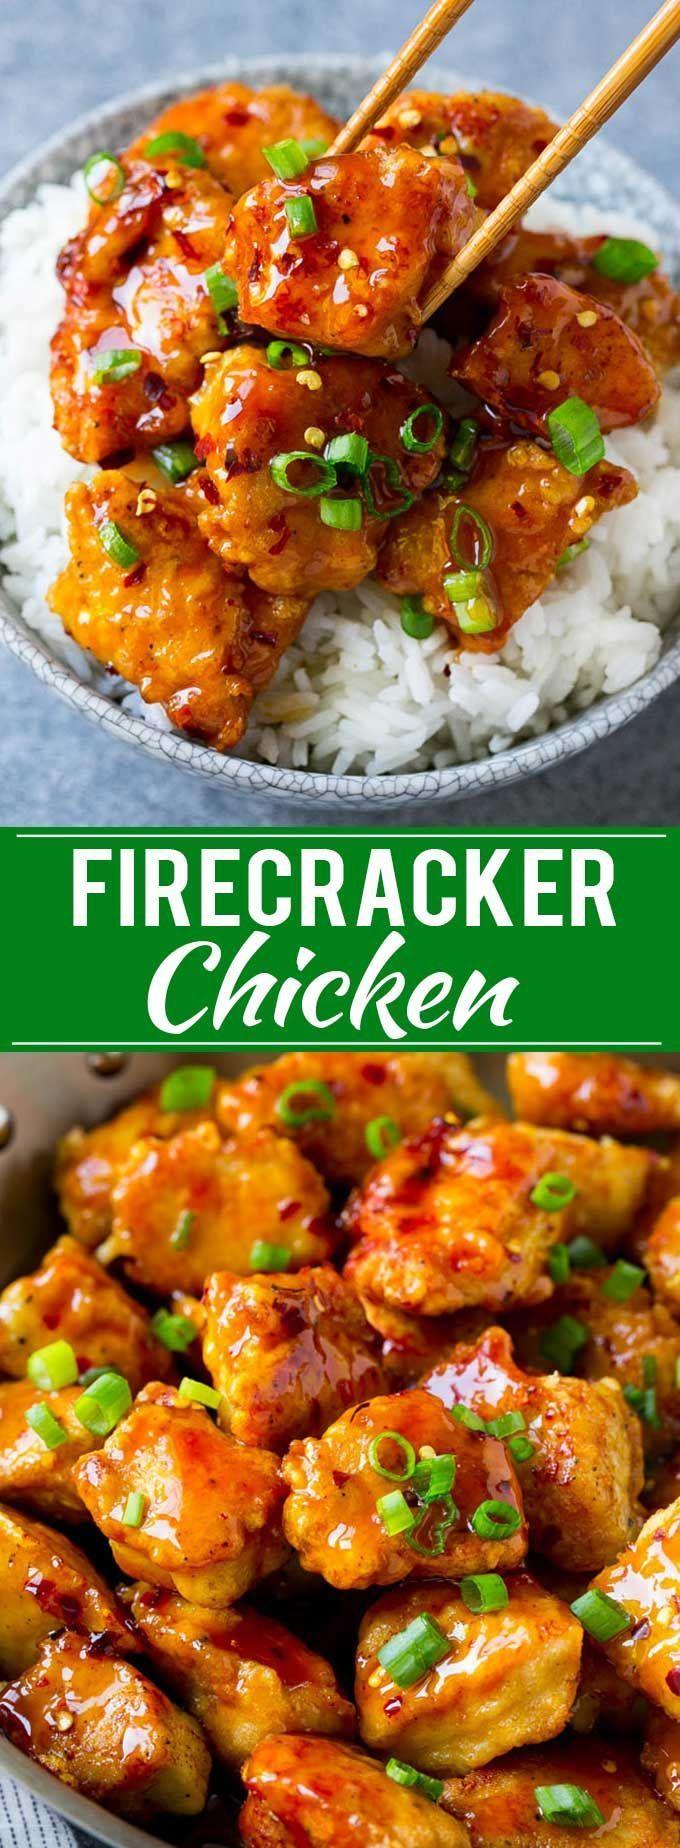 Firecracker Chicken Recipe | Asian Chicken | Spicy Chicken Recipe